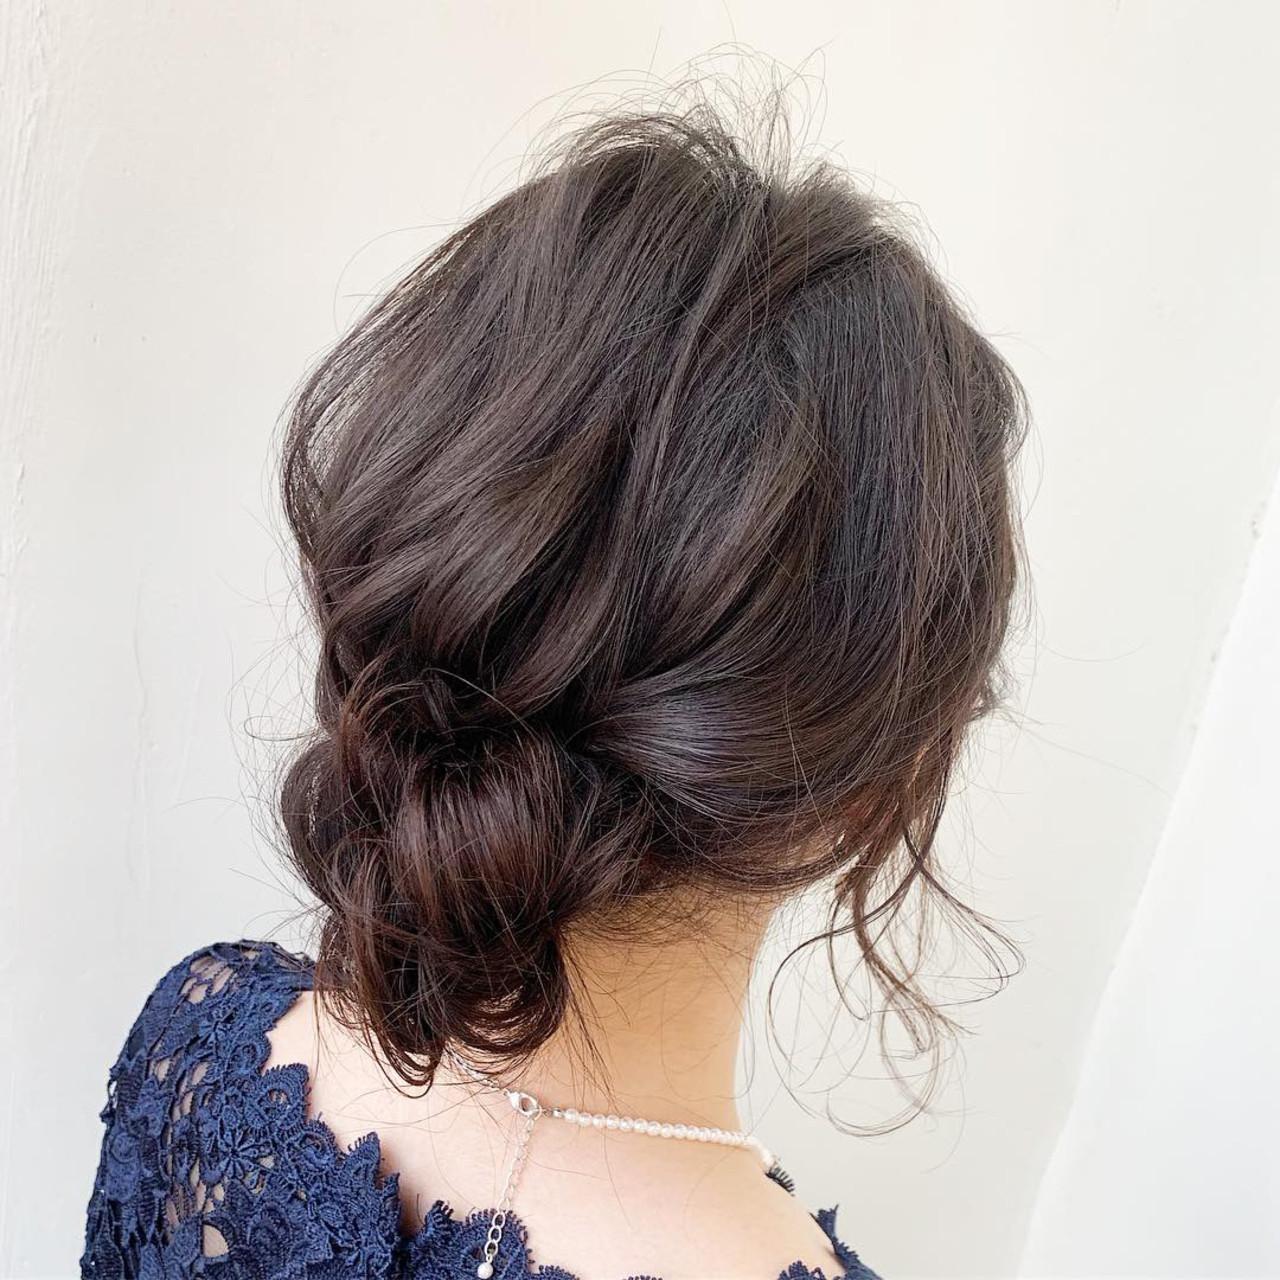 ミディアム ヘアアレンジ 後れ毛 シニヨン ヘアスタイルや髪型の写真・画像